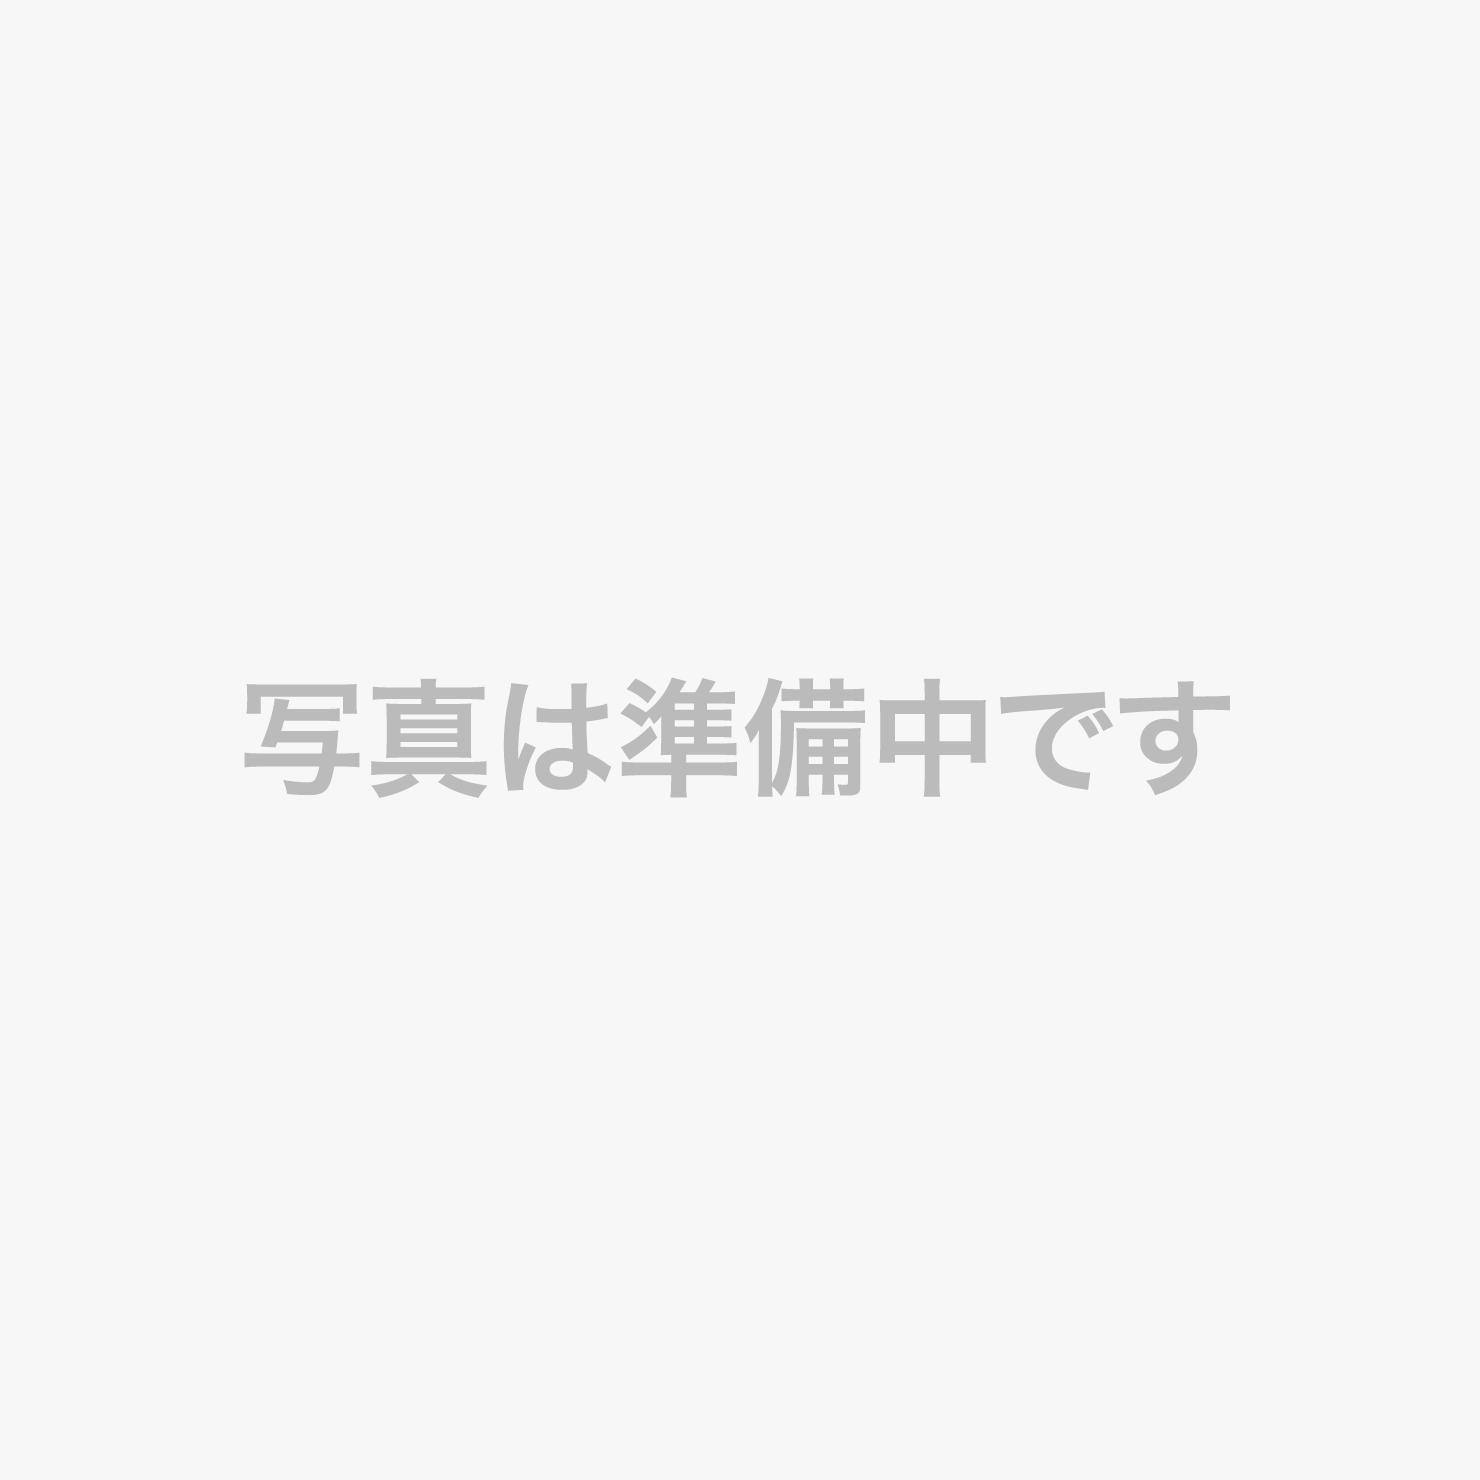 【2020年秋会席~牛すき焼き会席~】旬の割鮮魚四種盛り